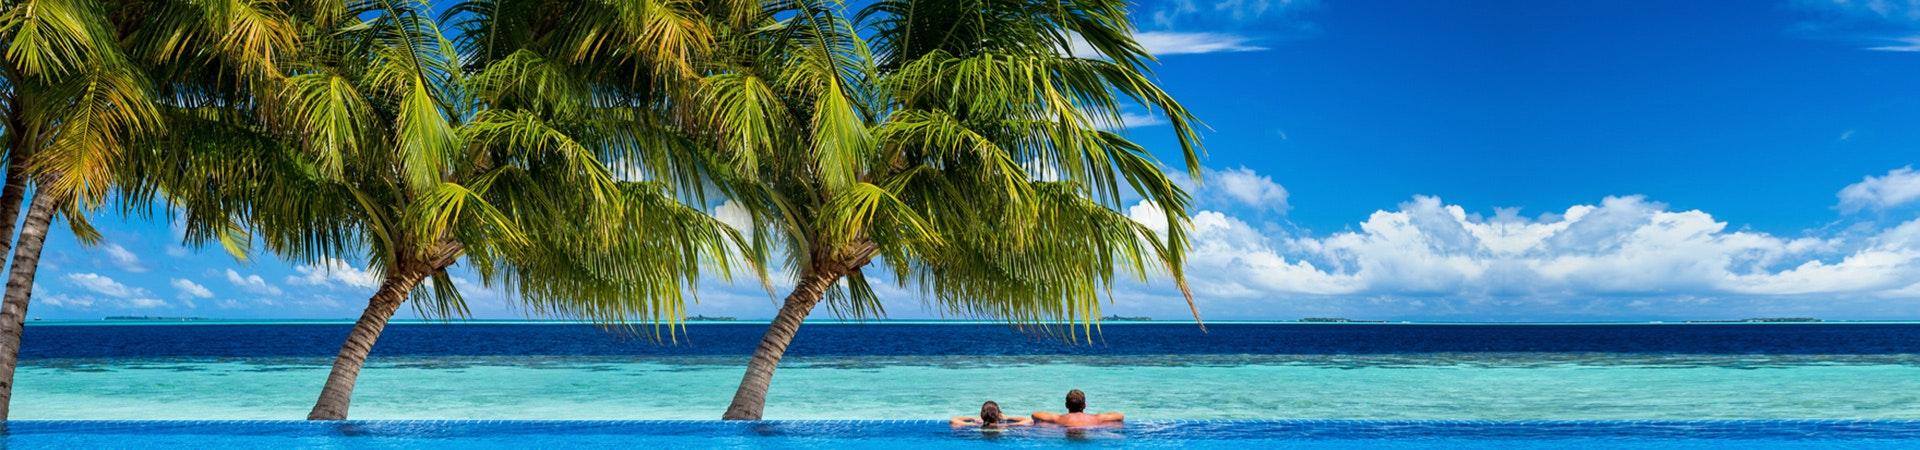 Reisen & Urlaub